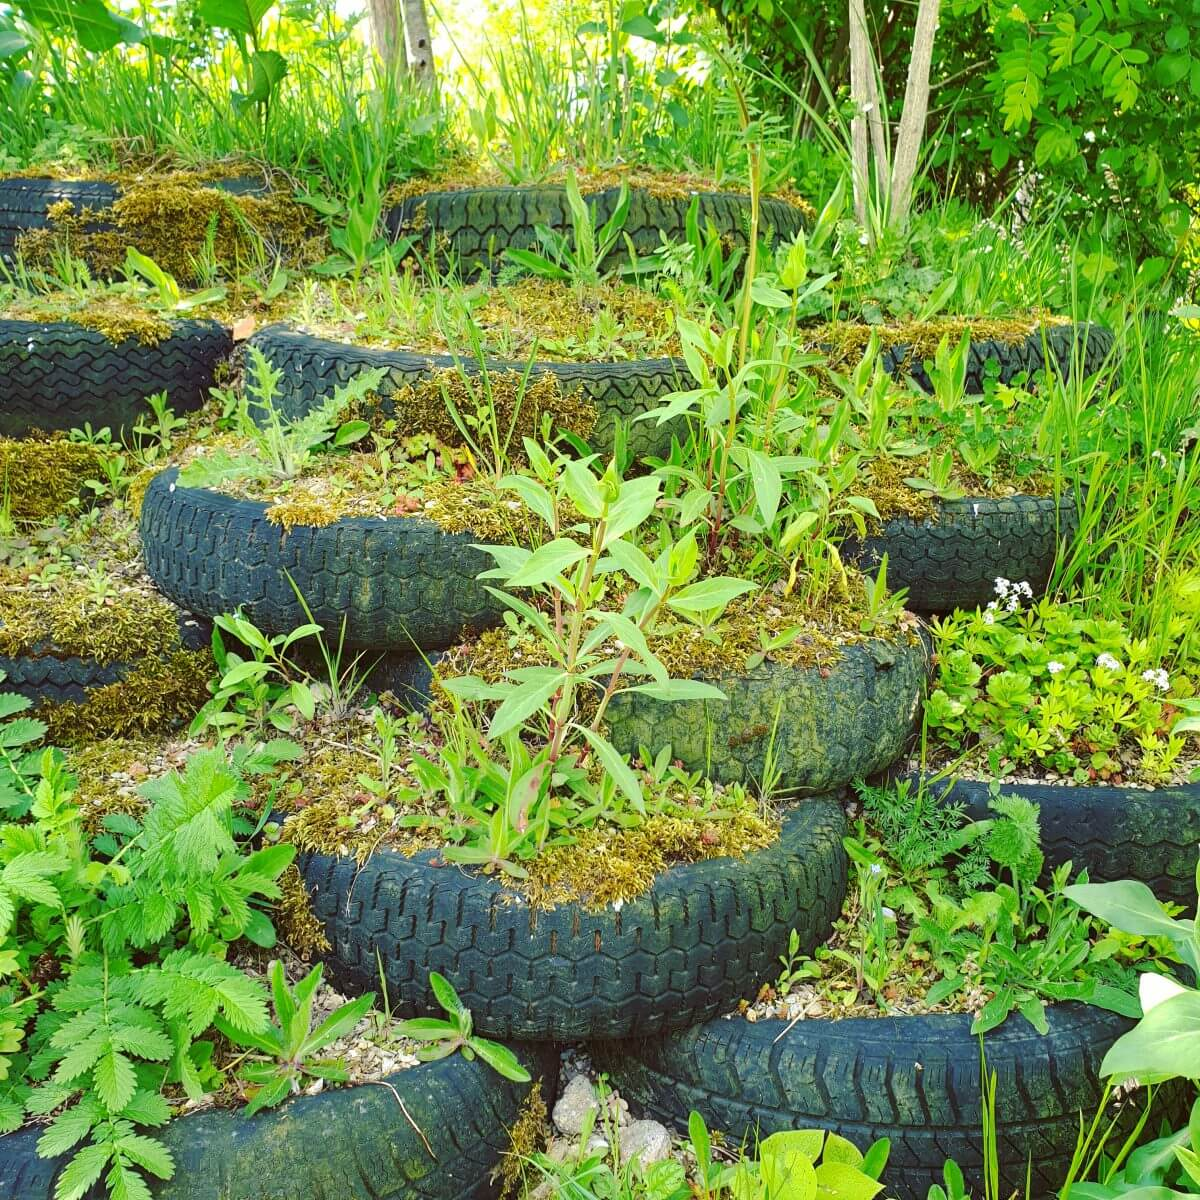 van autobanden een plantenbak maken